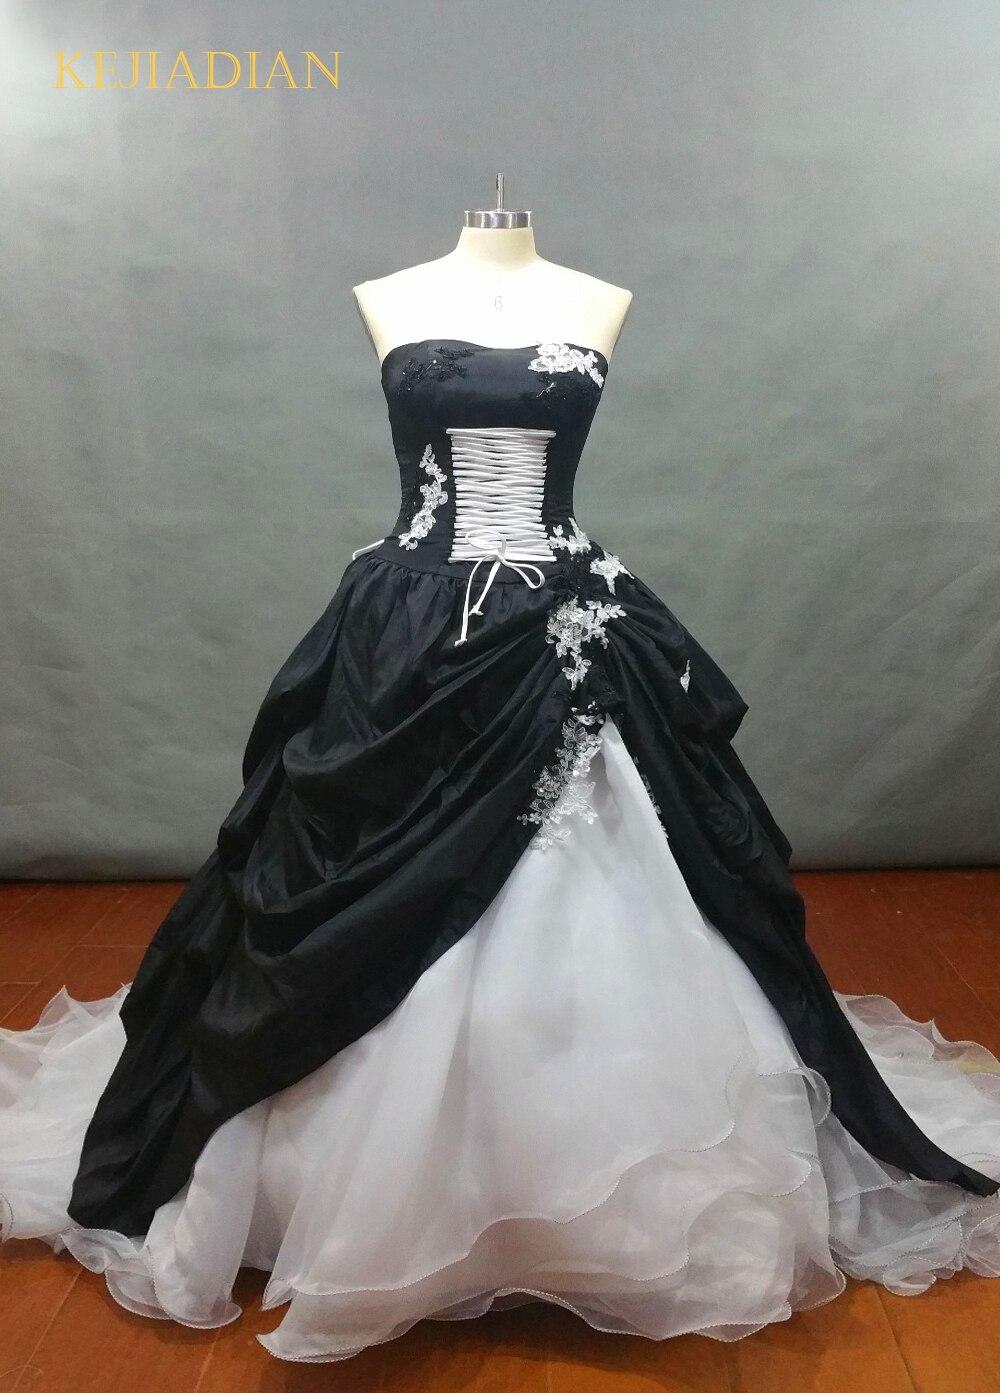 White and Black Wedding Dress 2019 Gothic Ball Gown Vestidos De Novia Bridal Dress Custom Classic